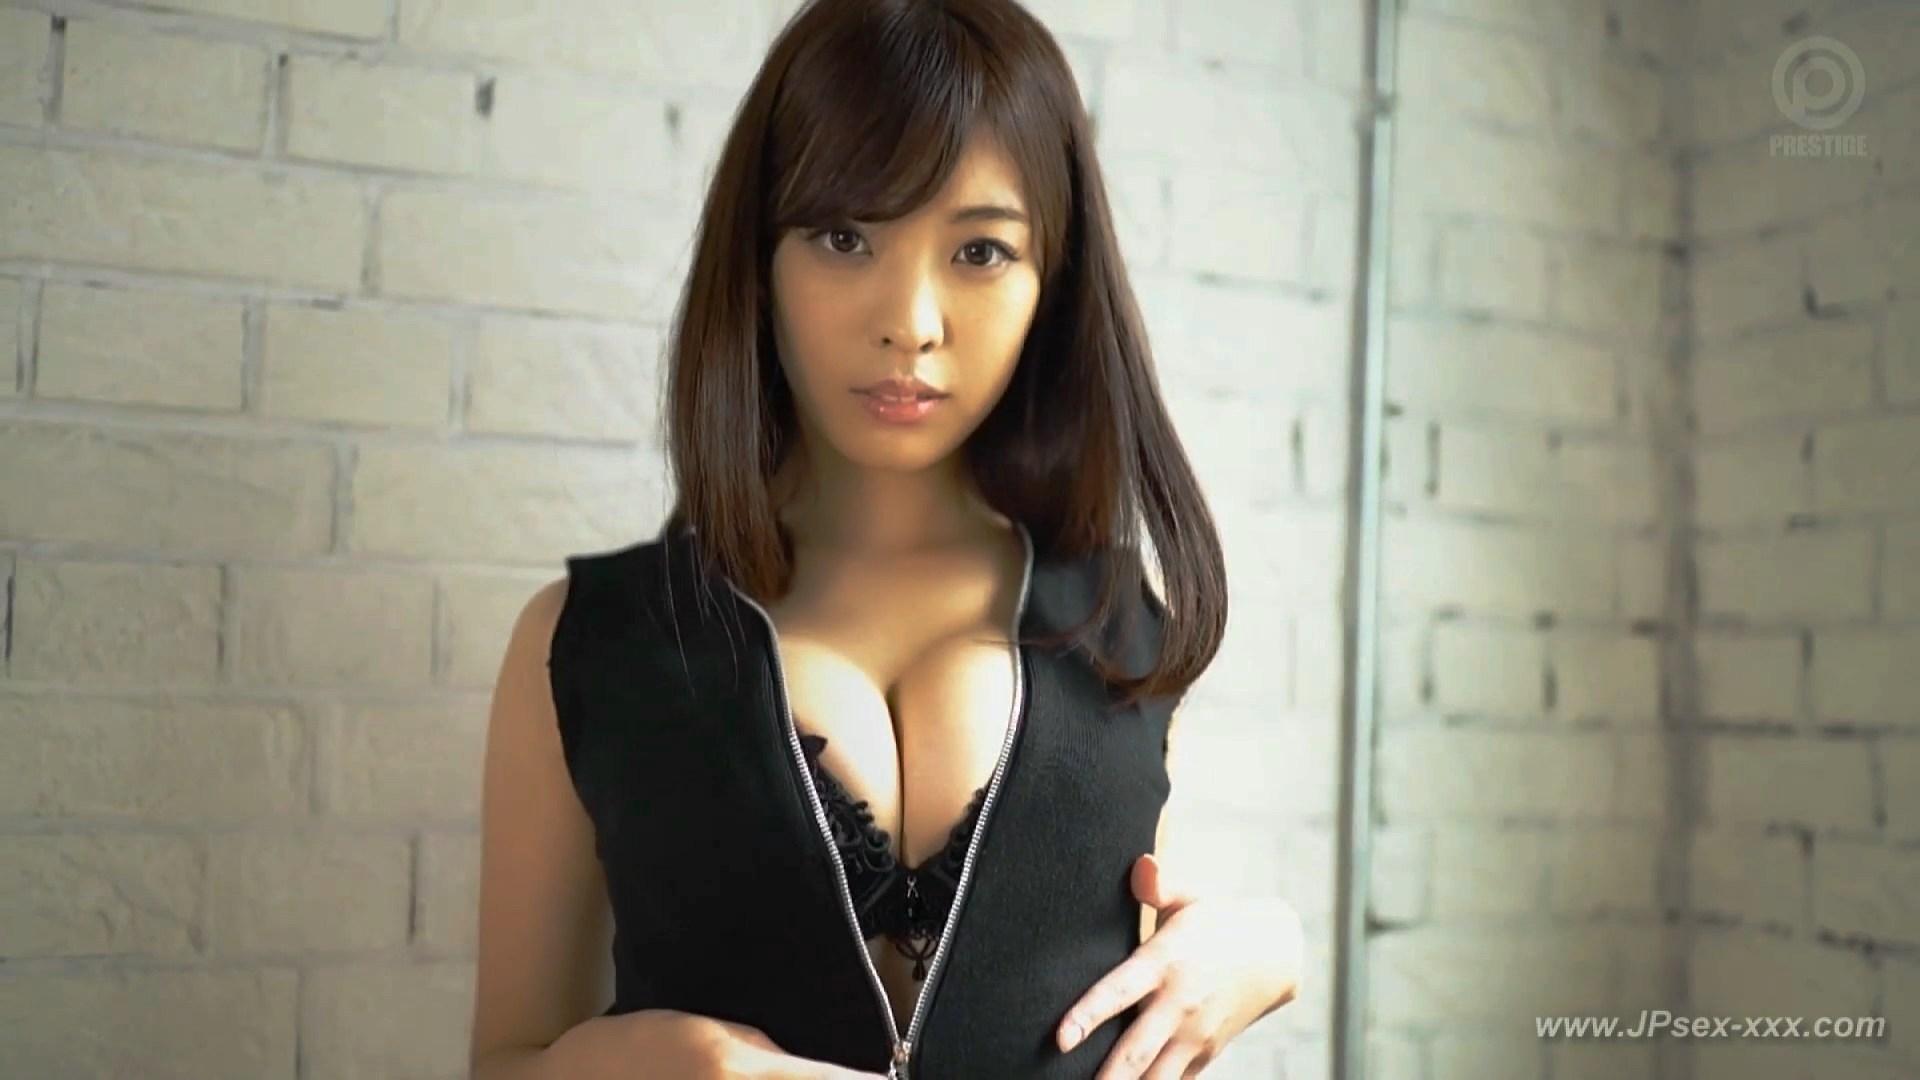 Jav Model Arisa Fujii Nude Photos Leaked gallery-33120